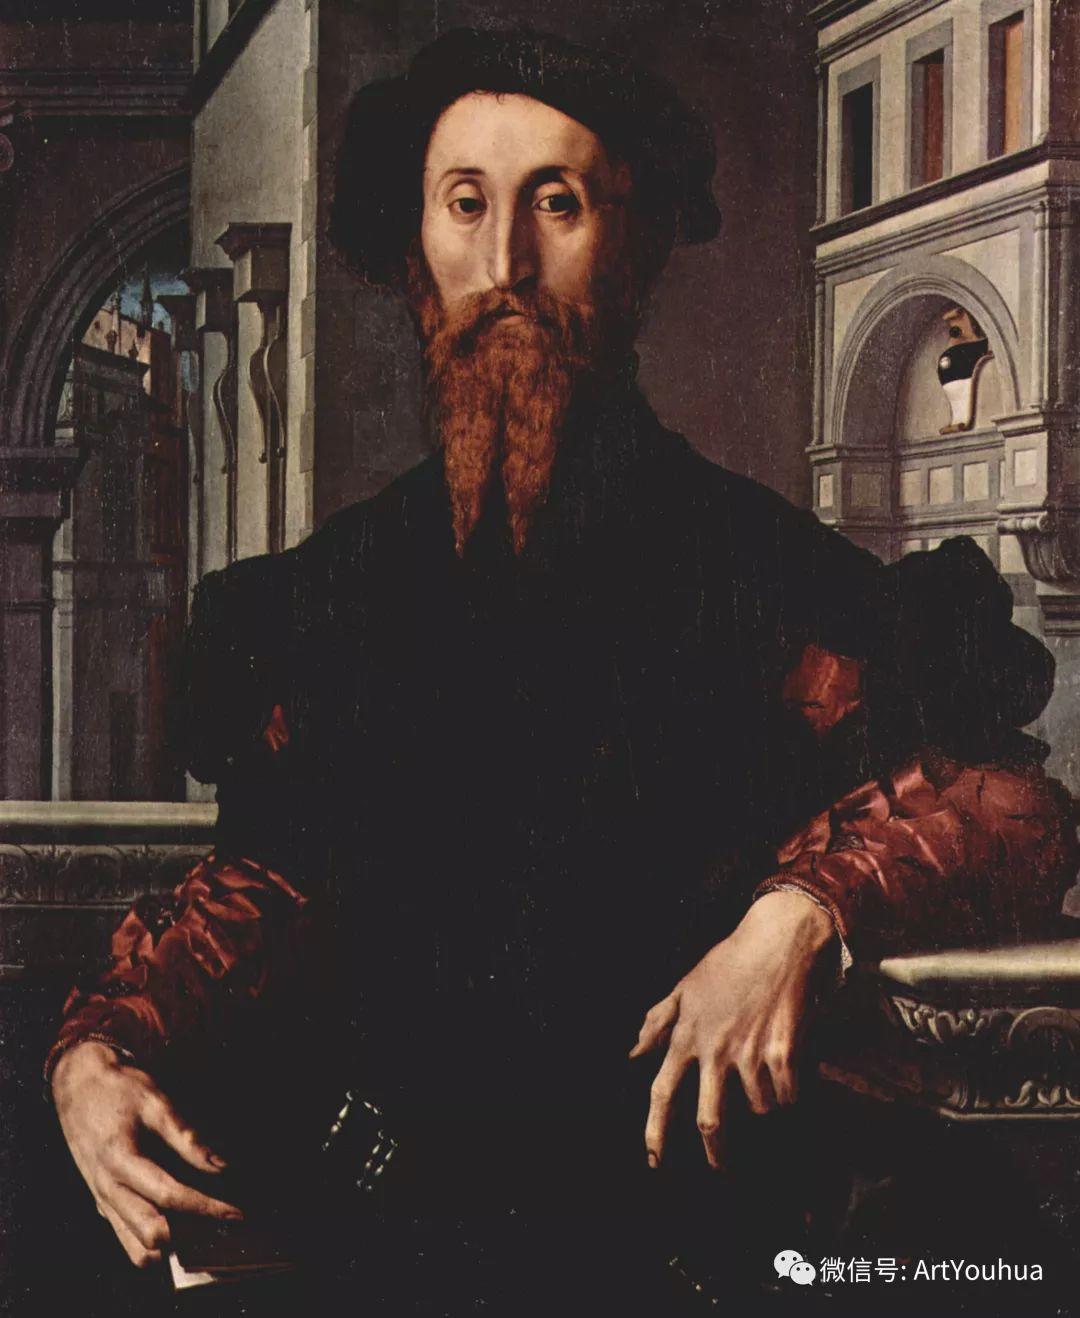 样式主义 意大利画家Agnolo Bronzino插图39